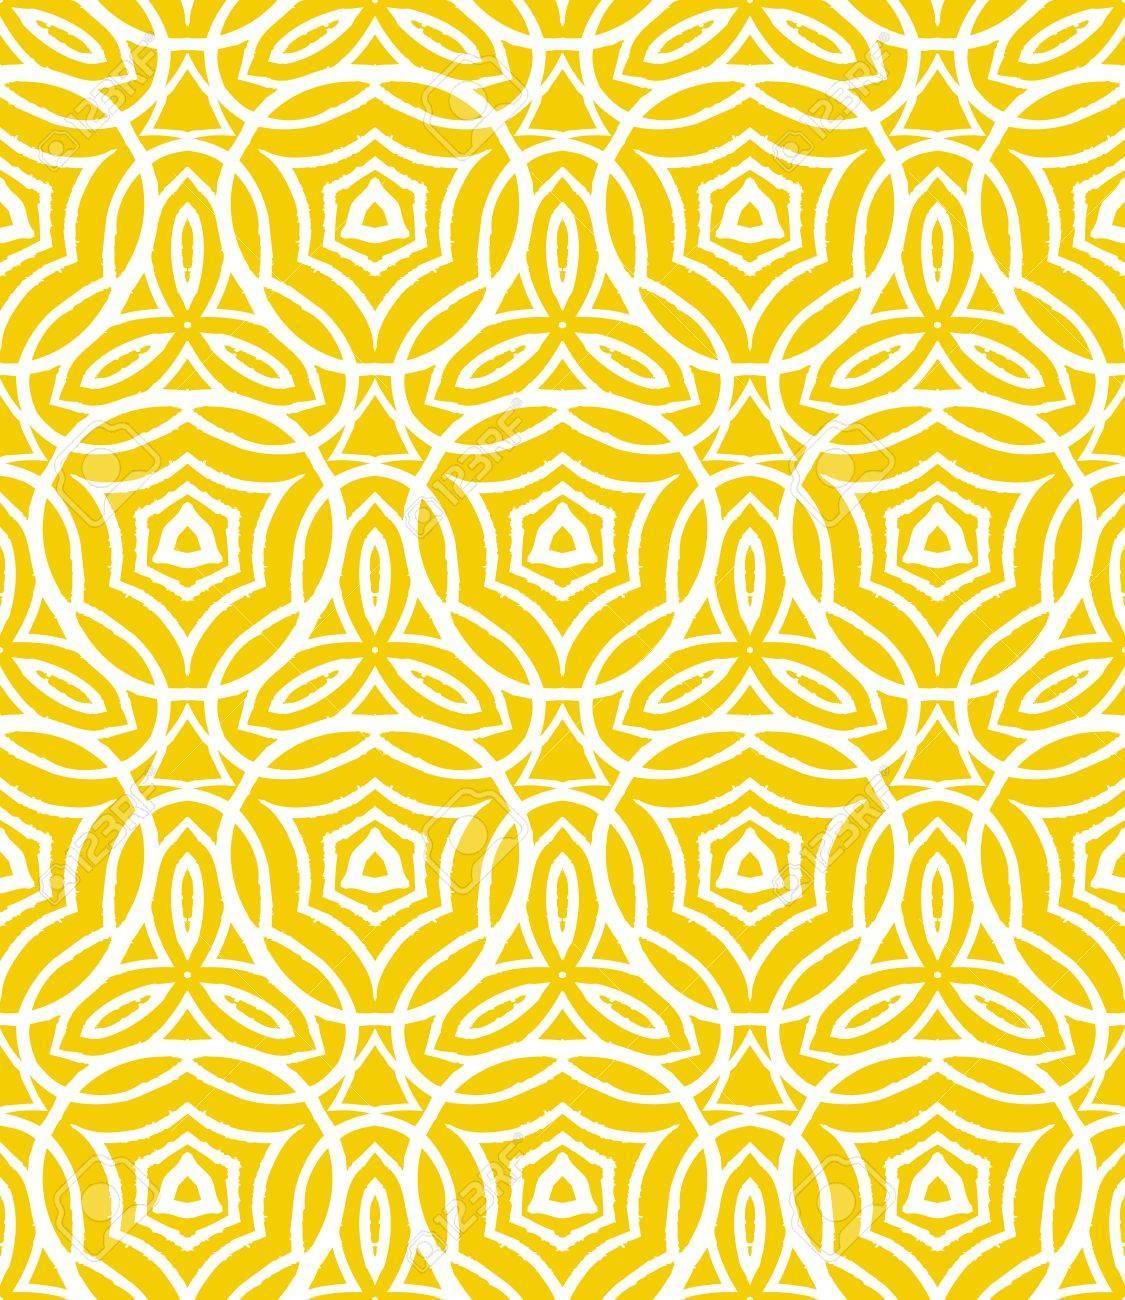 Weinlese-Art-Deco-Muster Mit Geschwungenen Linien, Formen Und Formen ...